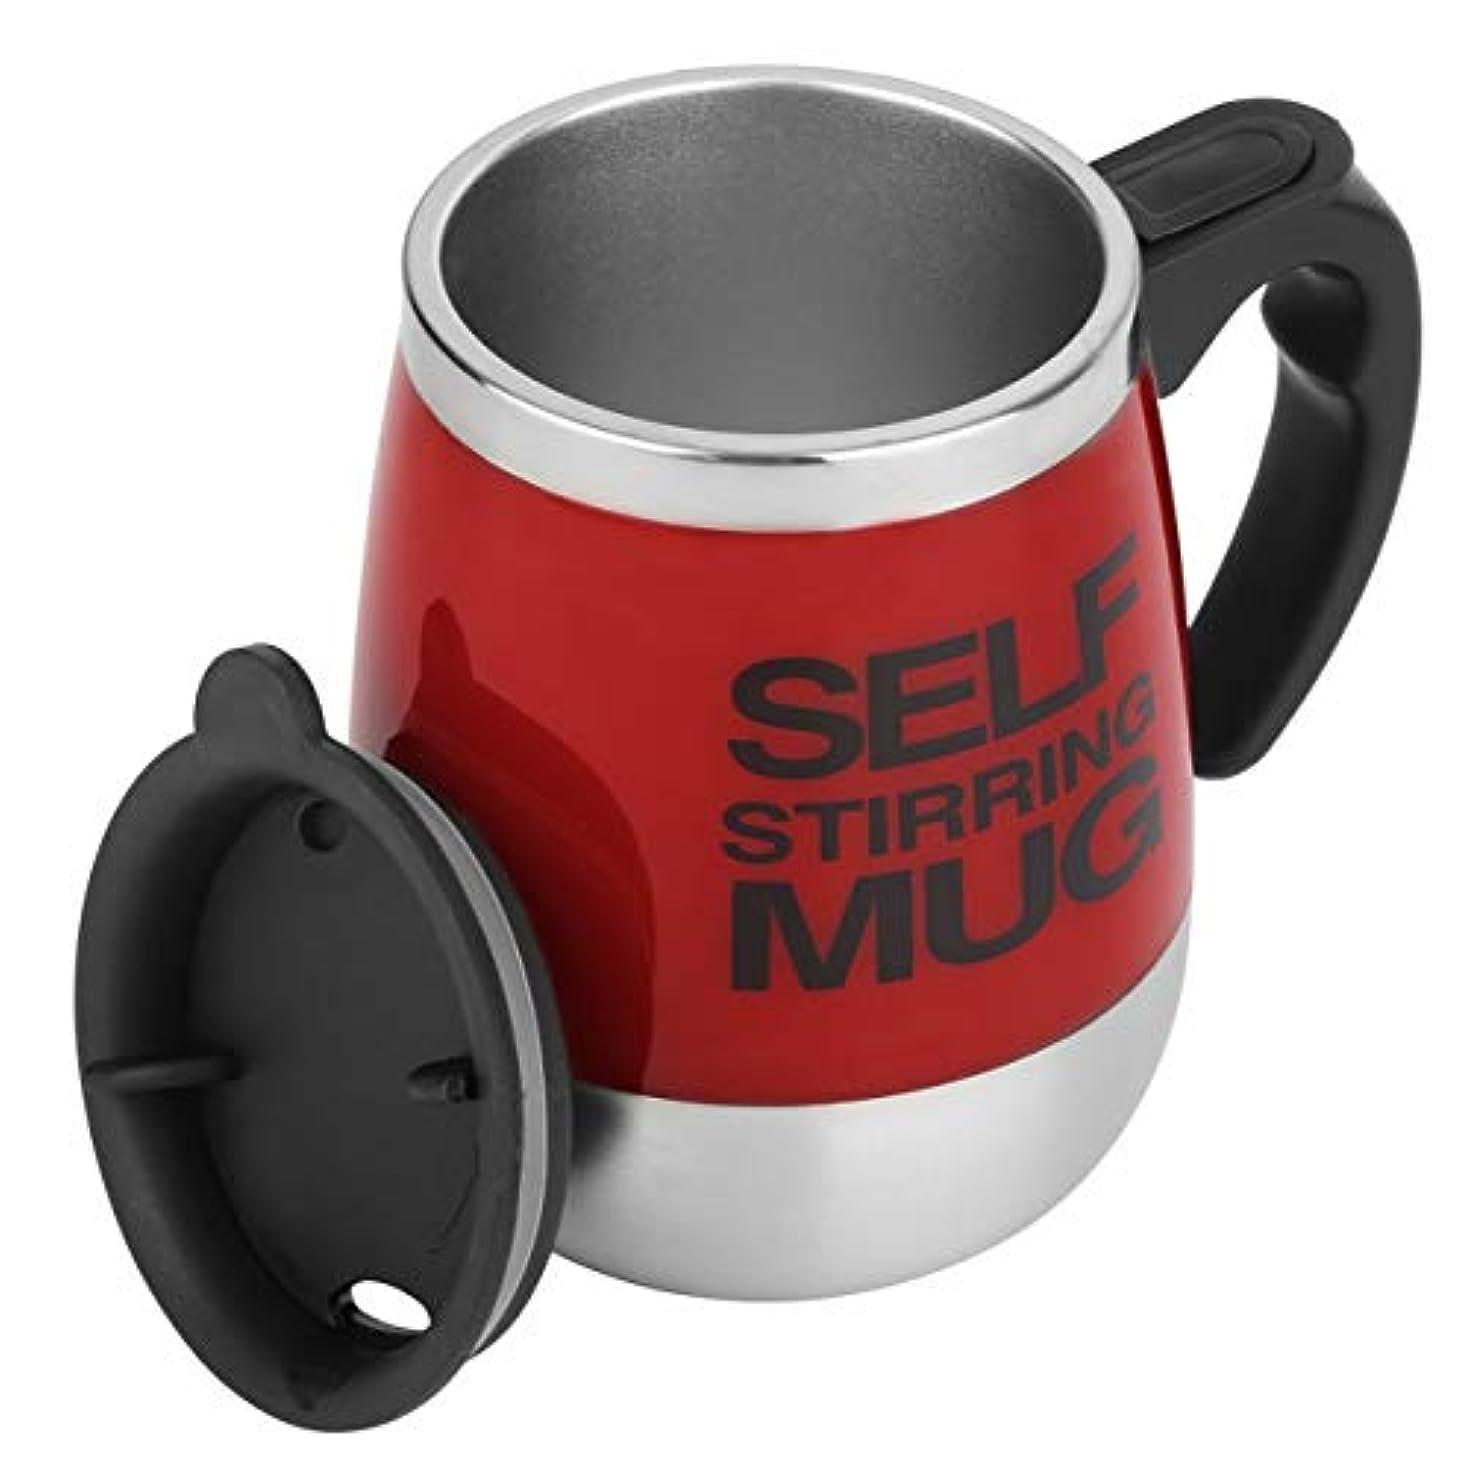 骨の折れる同意する生理Saikogoods 450ミリリットル ステンレス鋼 自己攪拌マグカップ 自動ミキシング ティーコーヒーカップ 自動 電気コーヒーカップを飲みます 赤